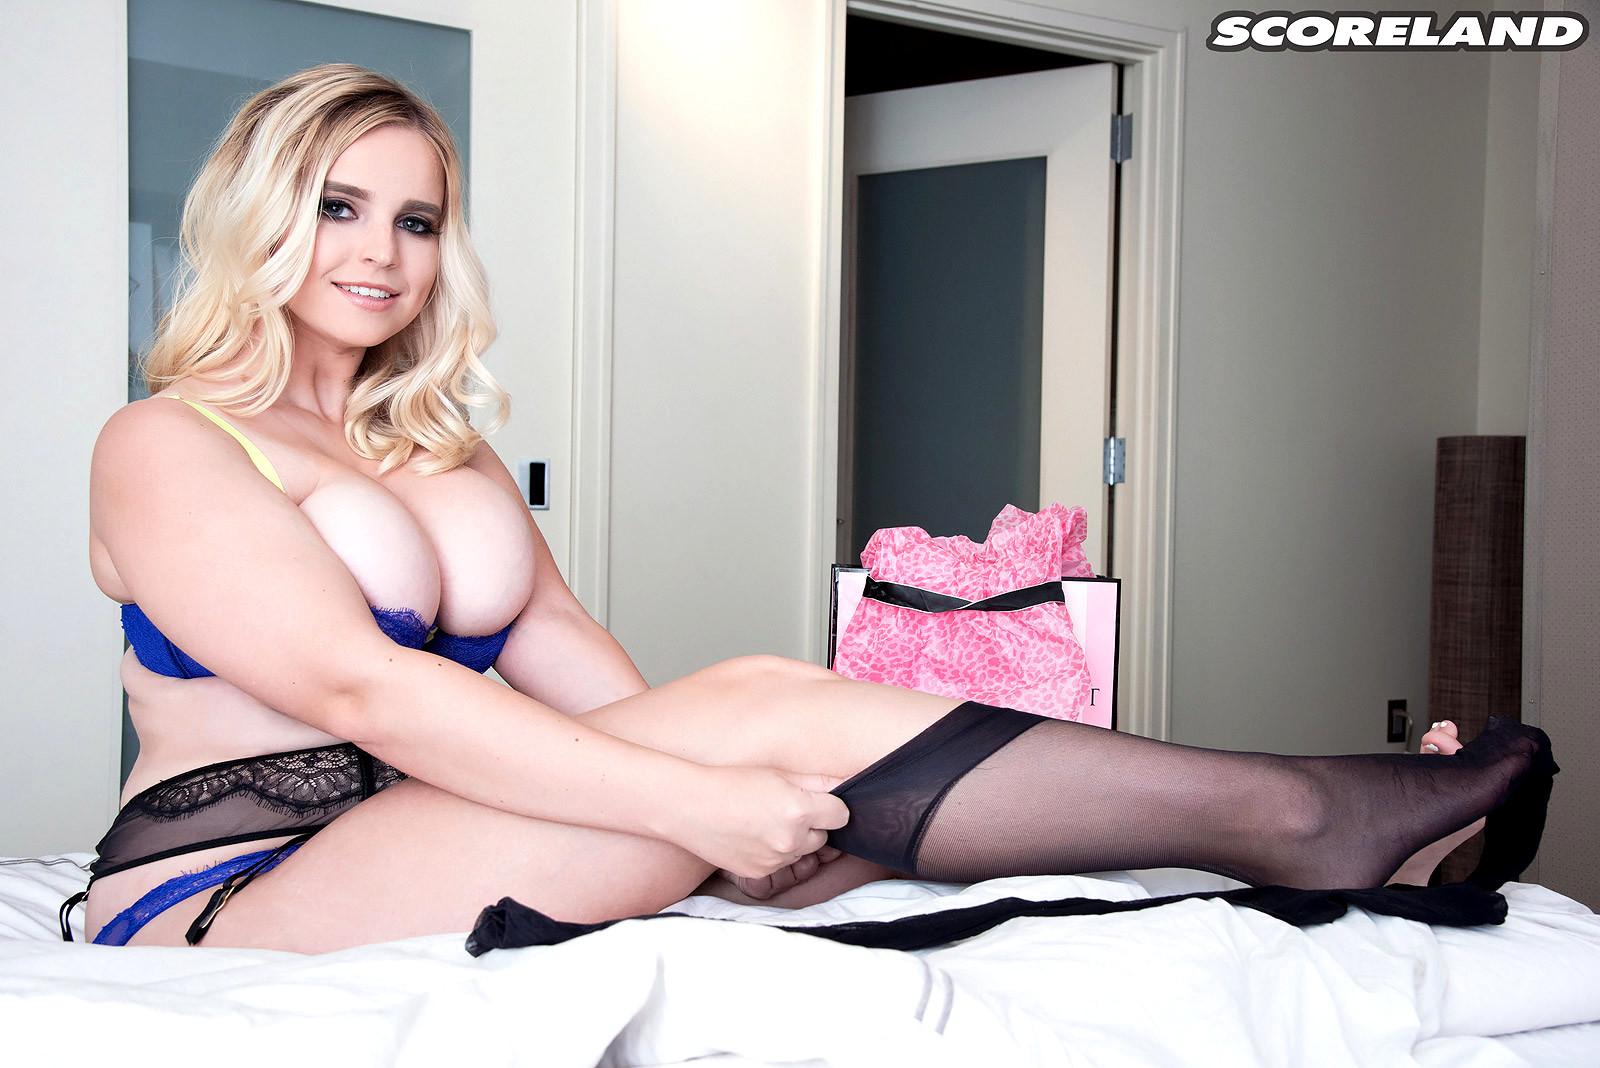 Che meravigliosa codi porn !!!! Sexy